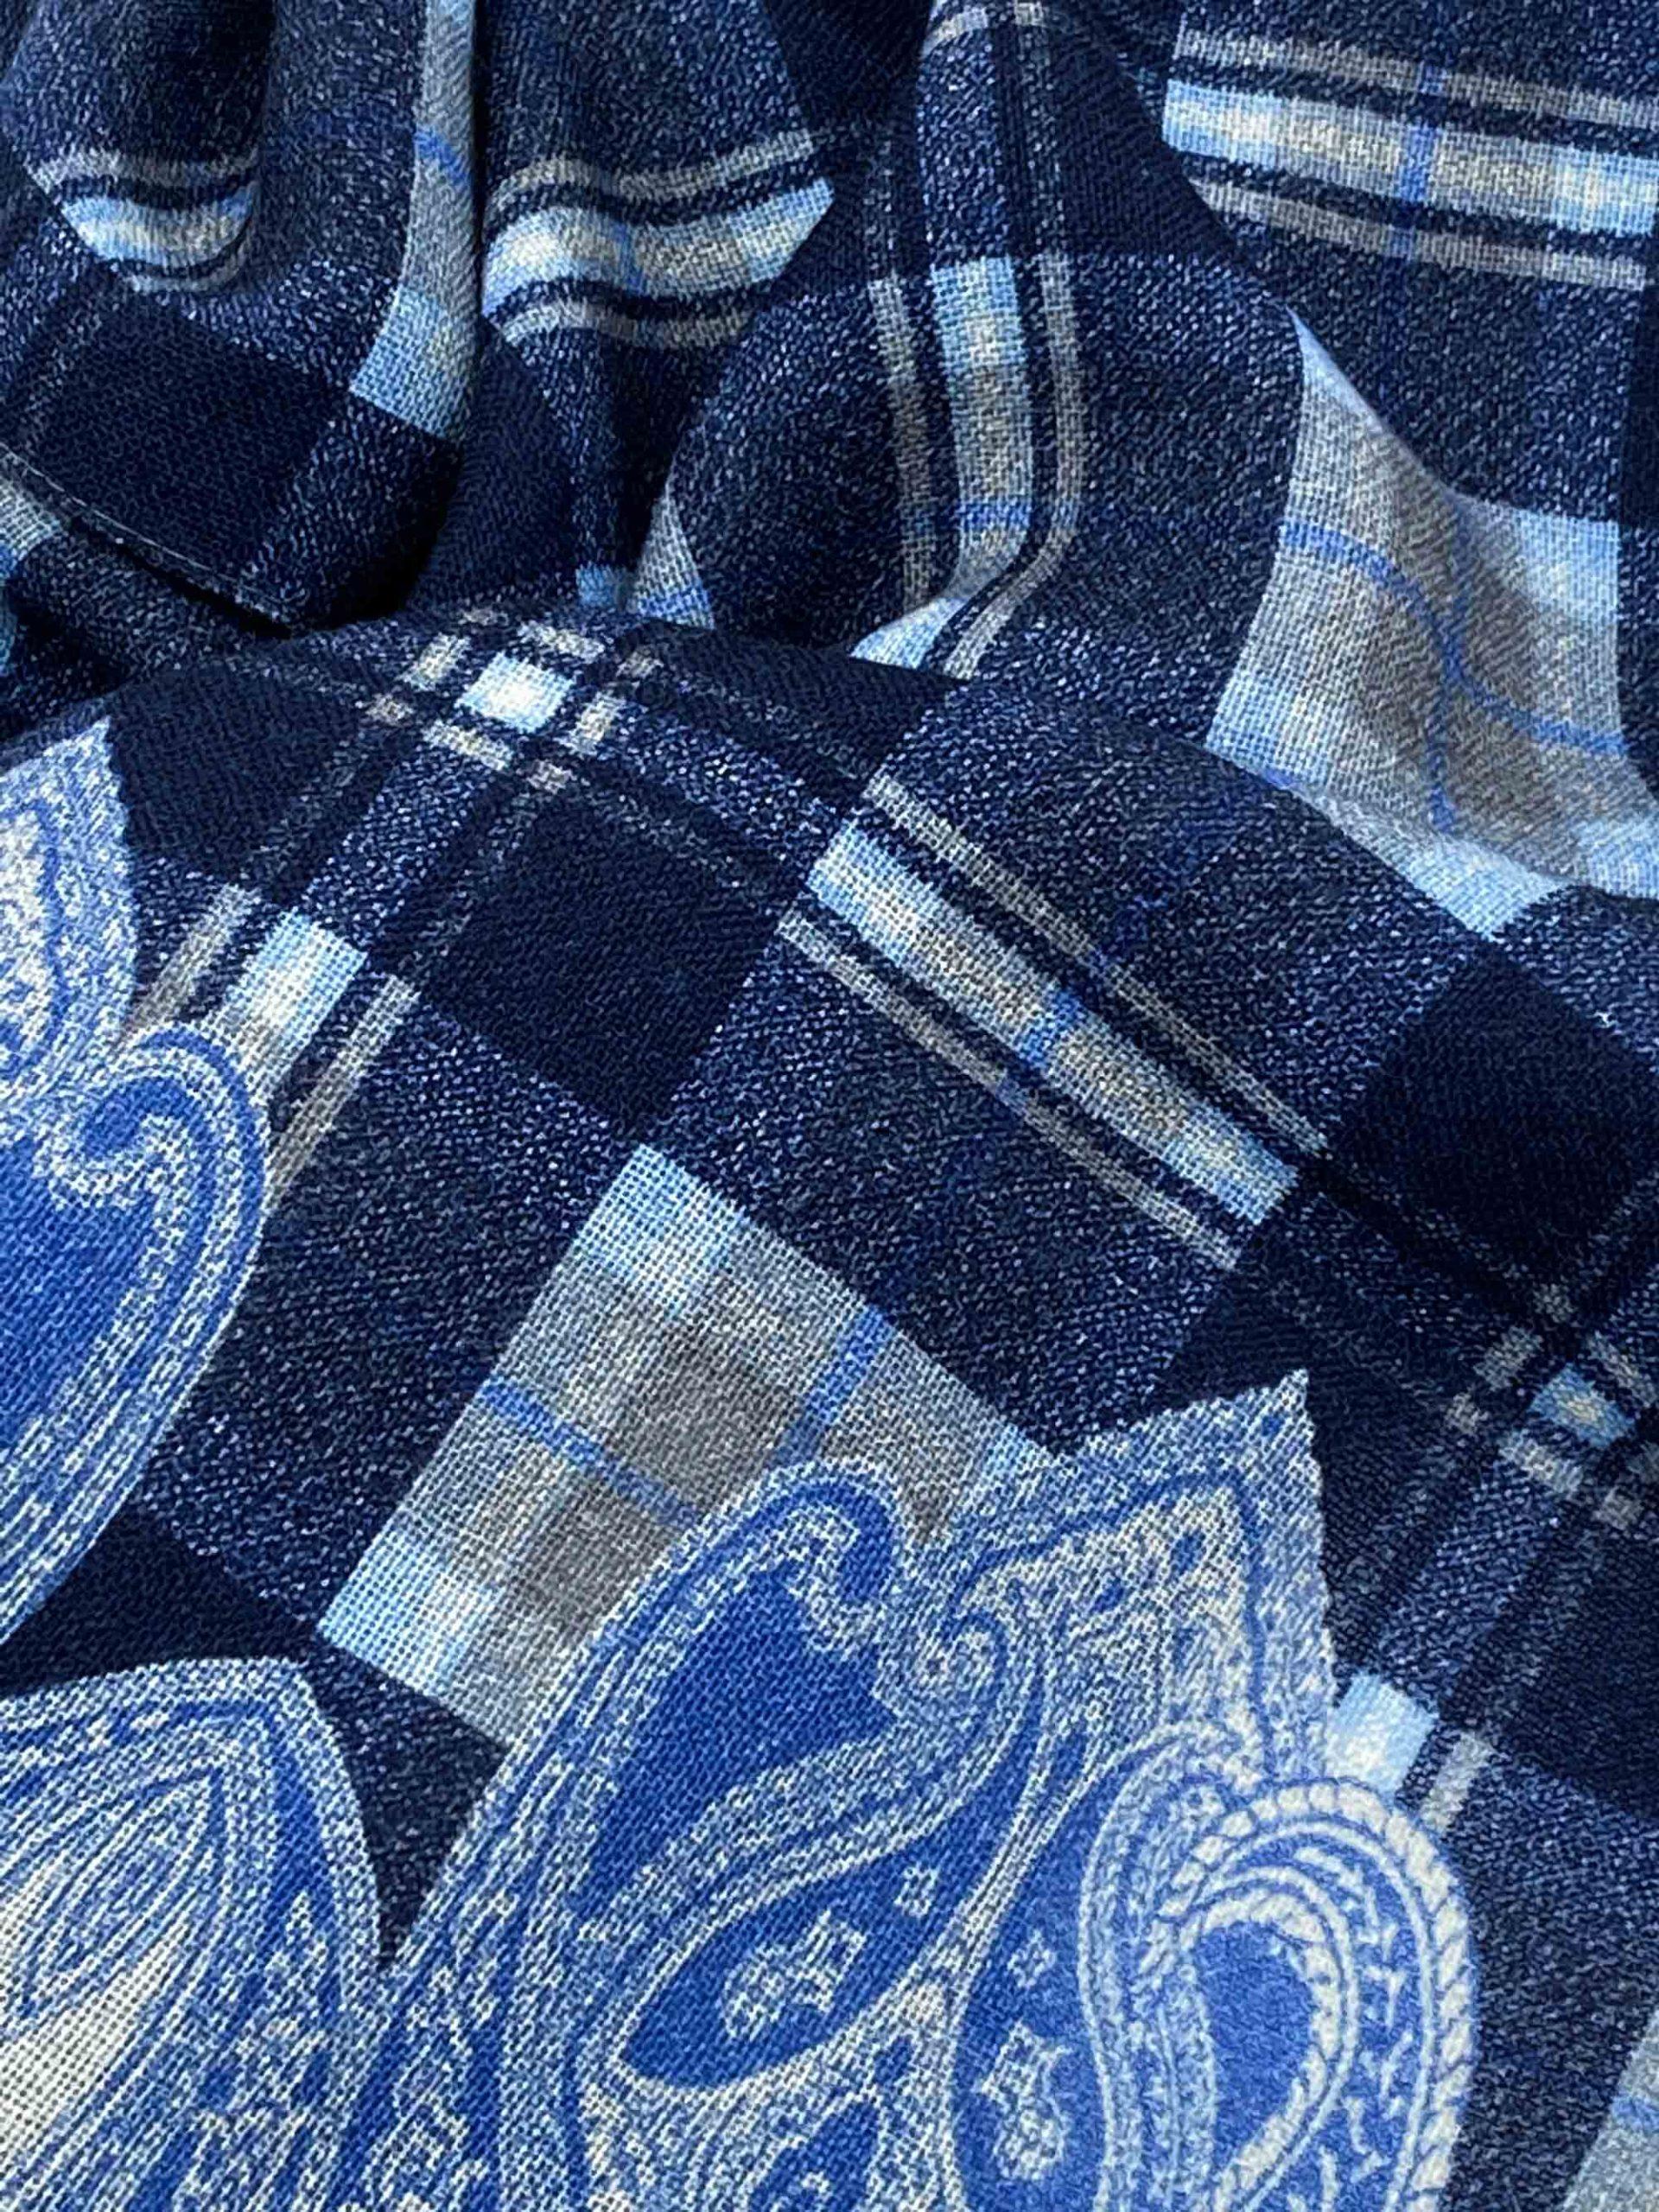 pashmina buona fortuna exclusivas comprar online moda italiana foulards shop cuadros marinos y azul